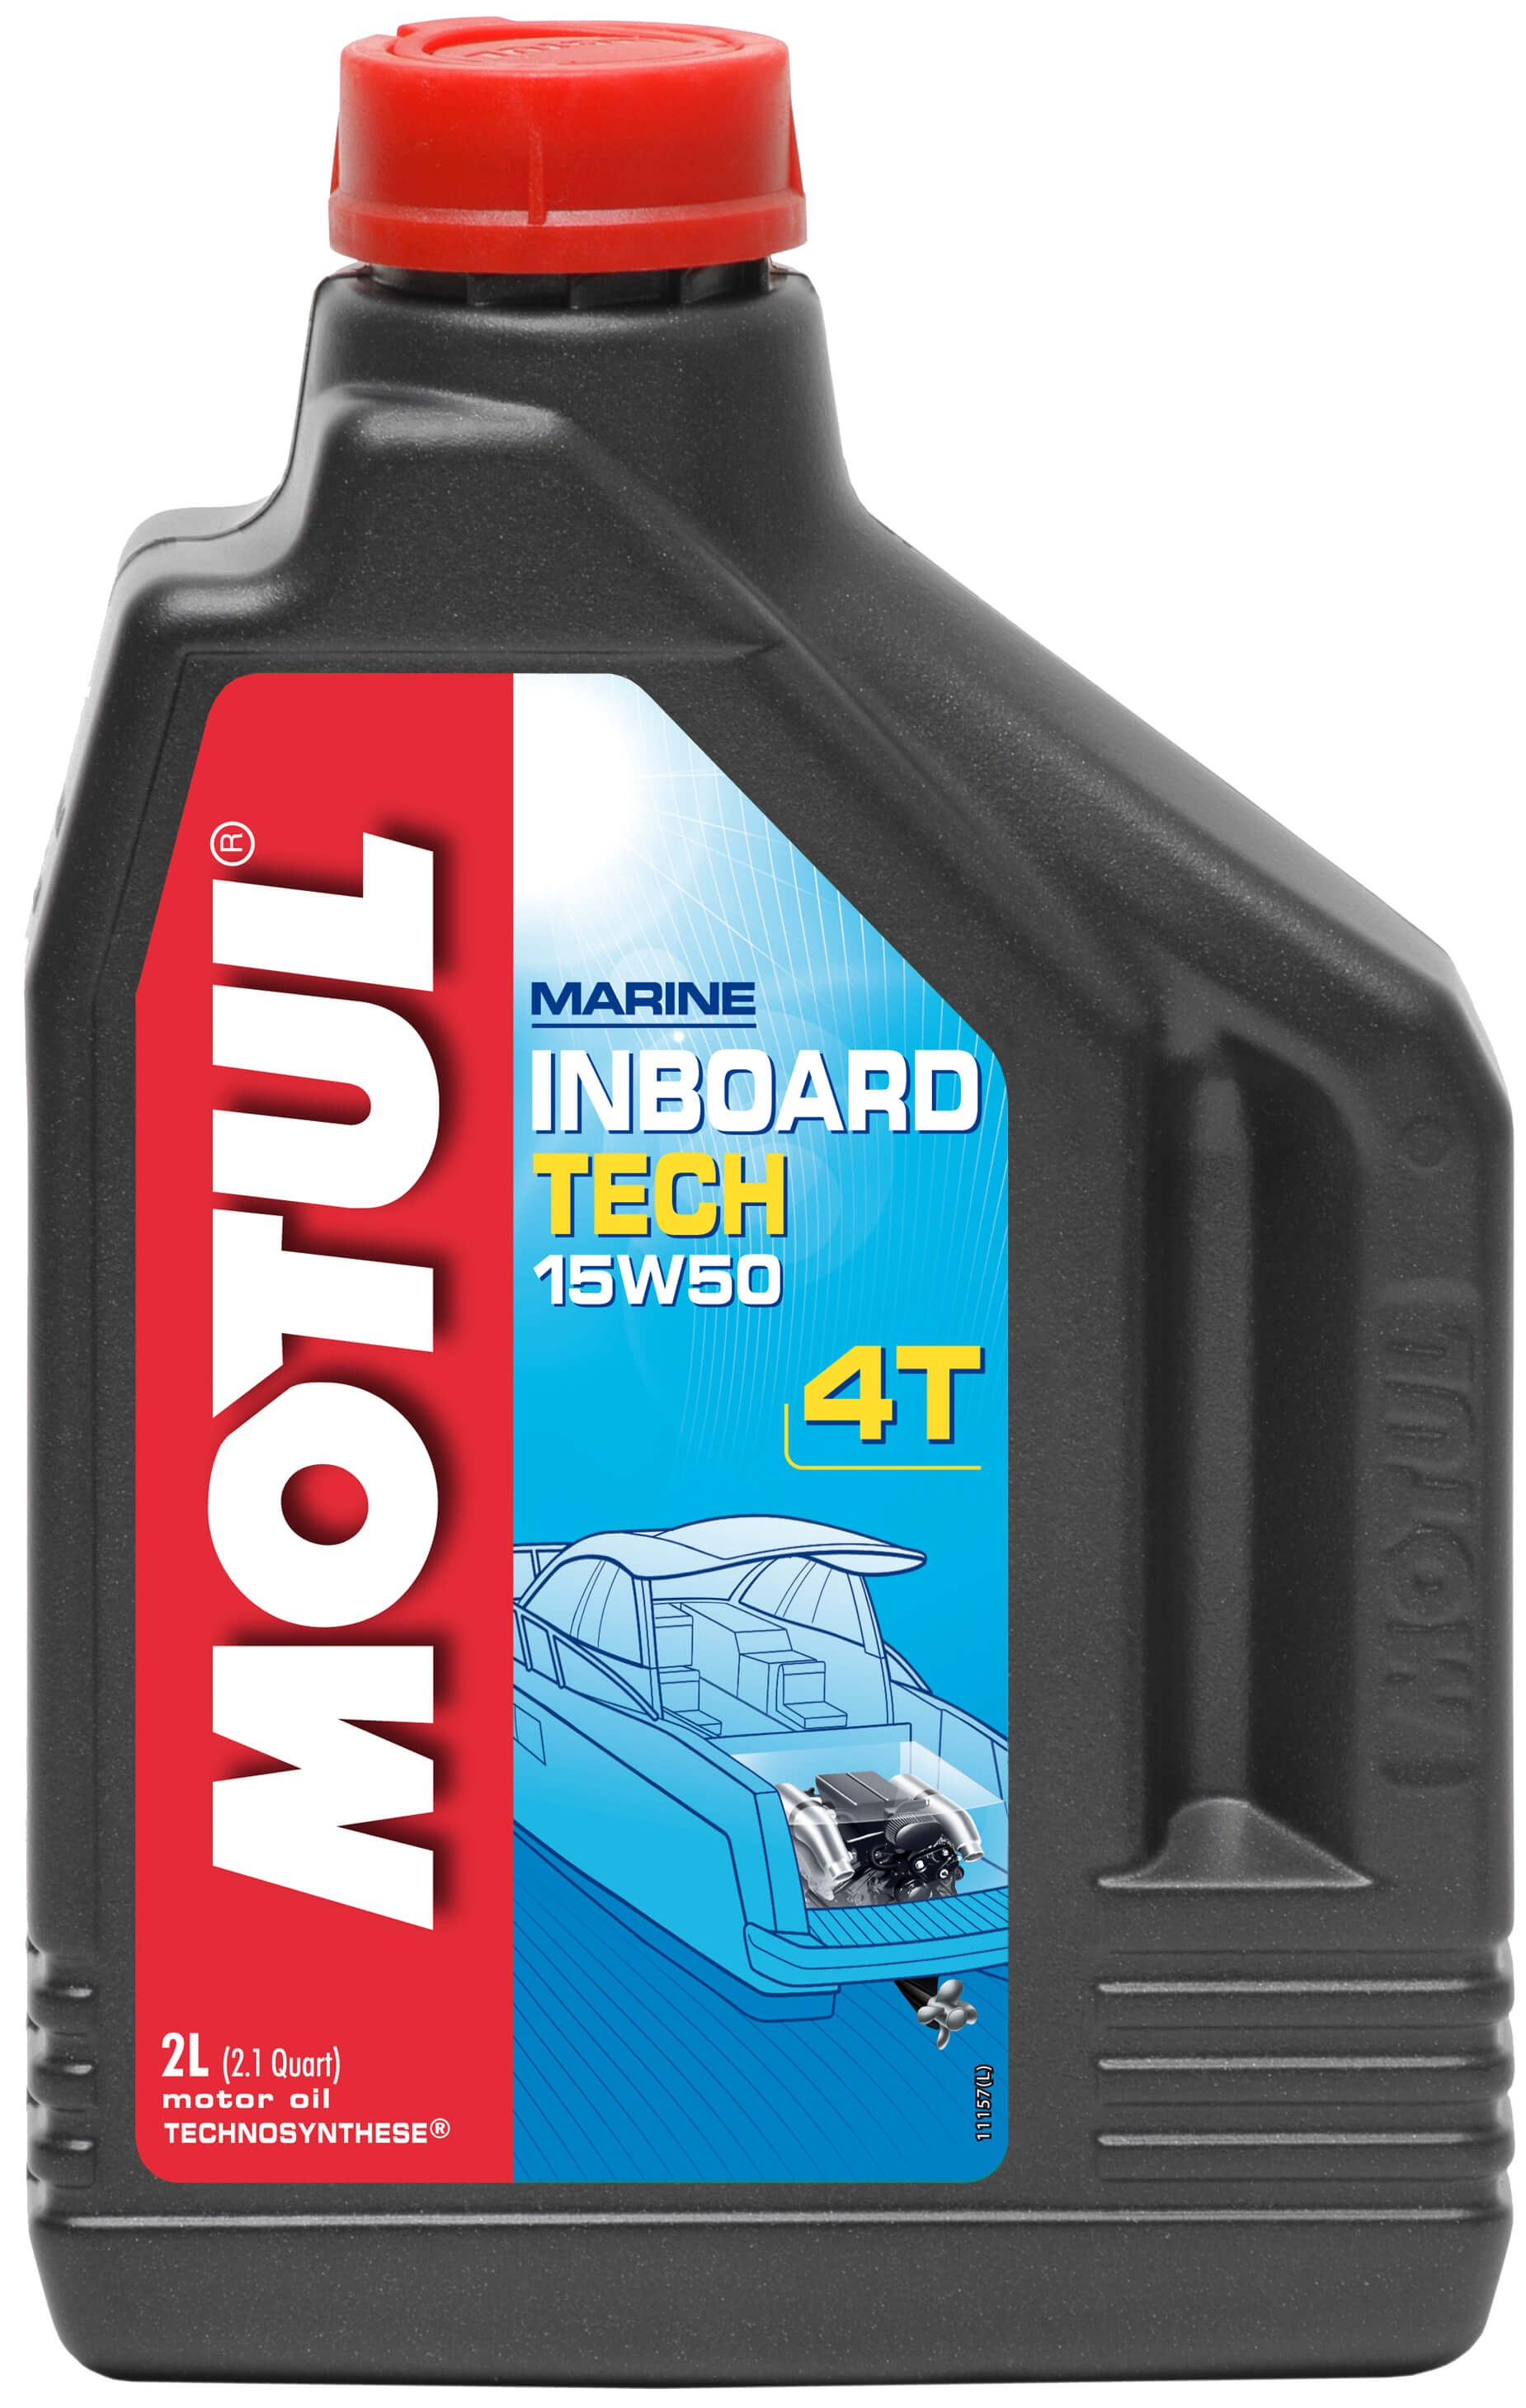 Inboard Tech 4T 15W50